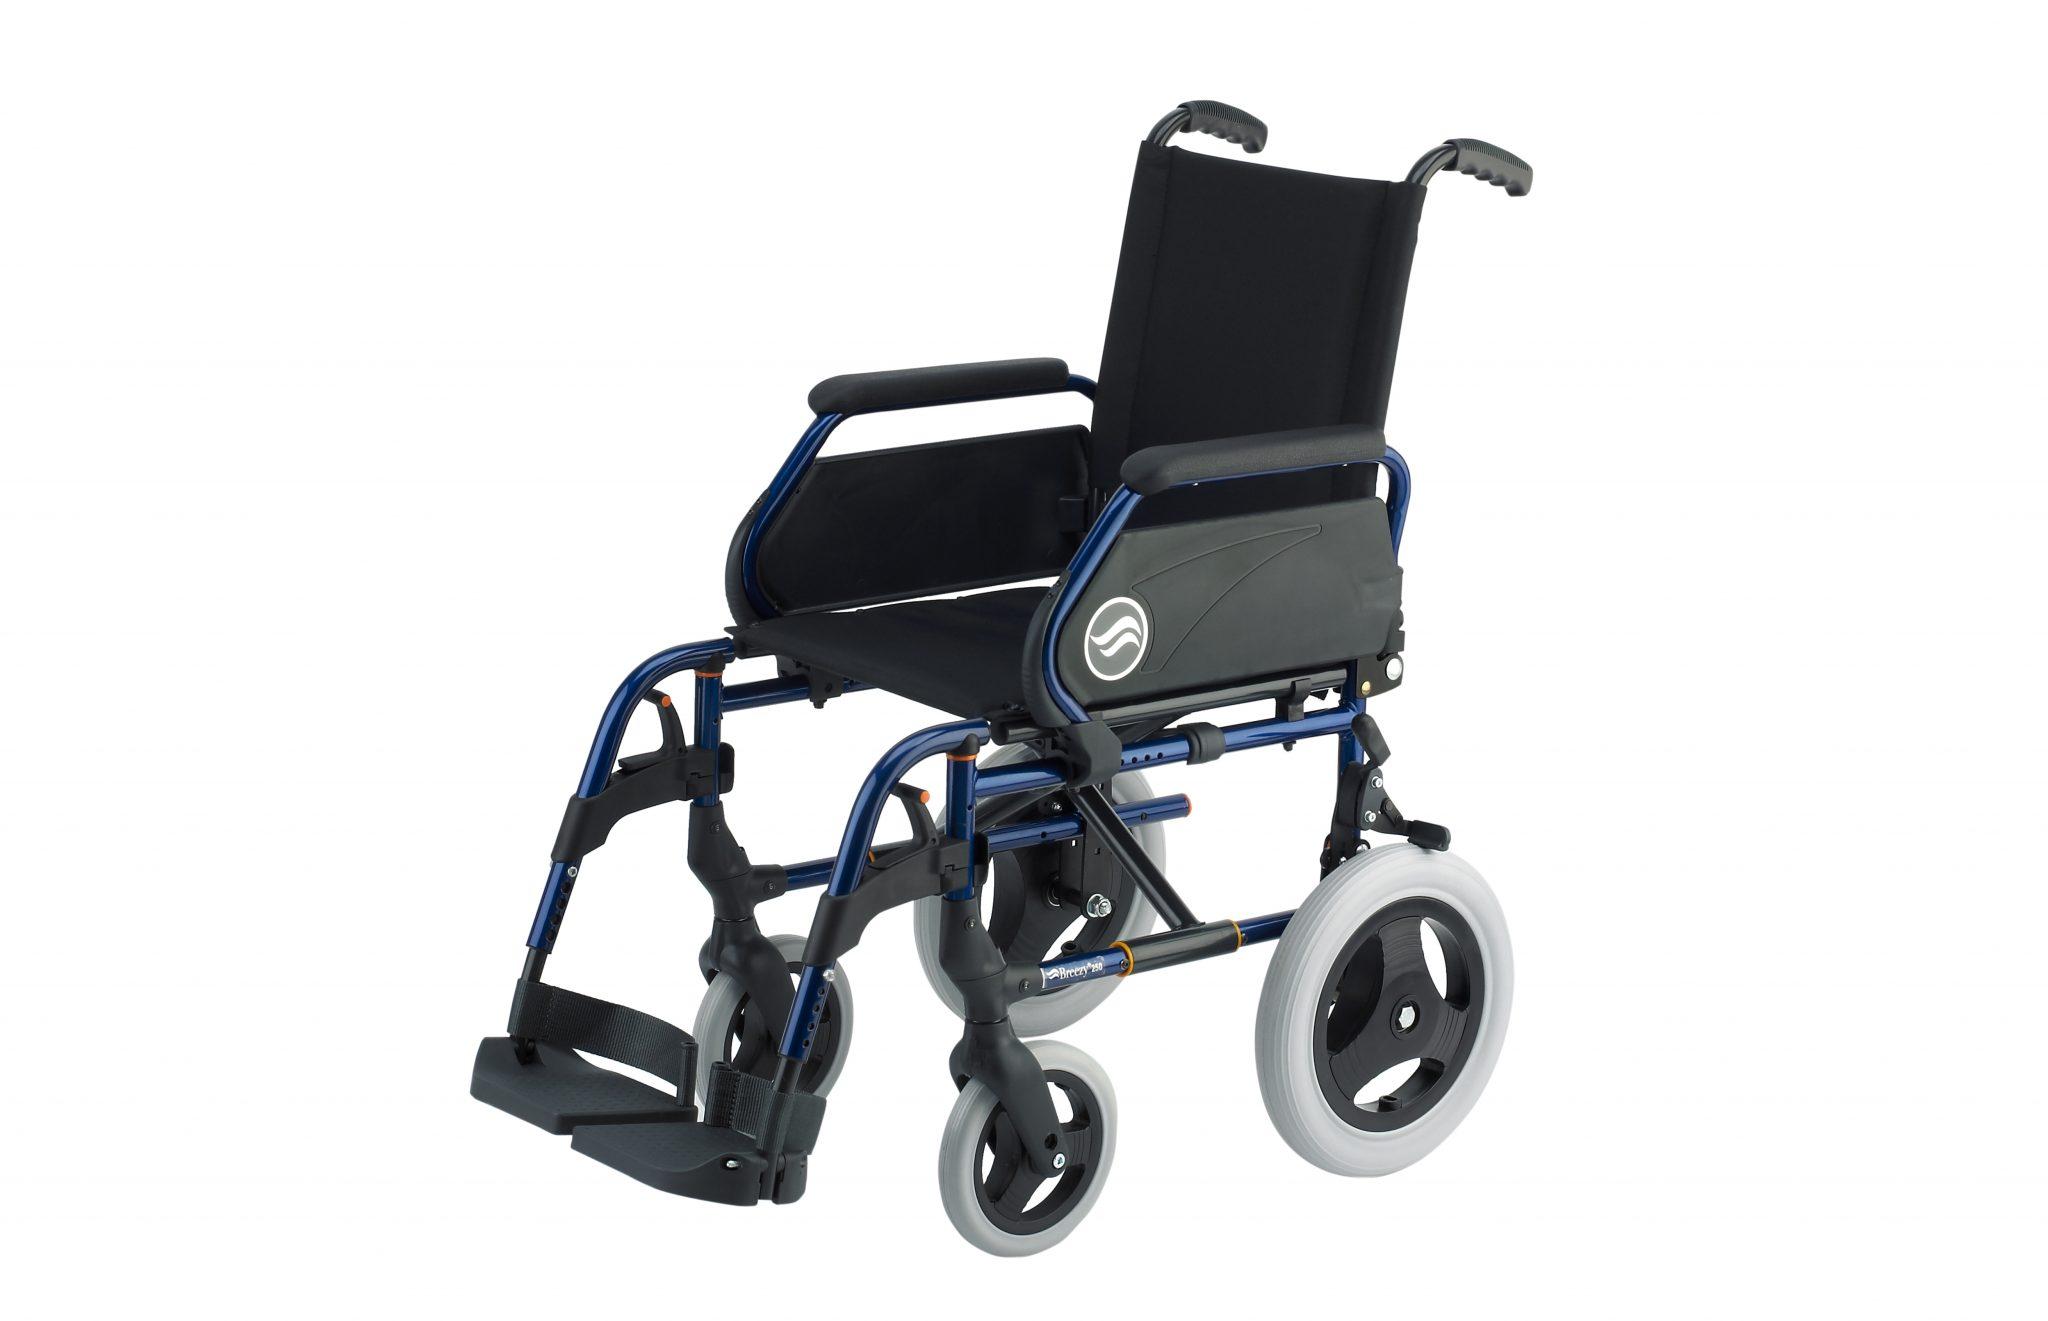 Cadeira de rodas manual, preta com estrutura azul, com roda pequena, com vista de perfil.